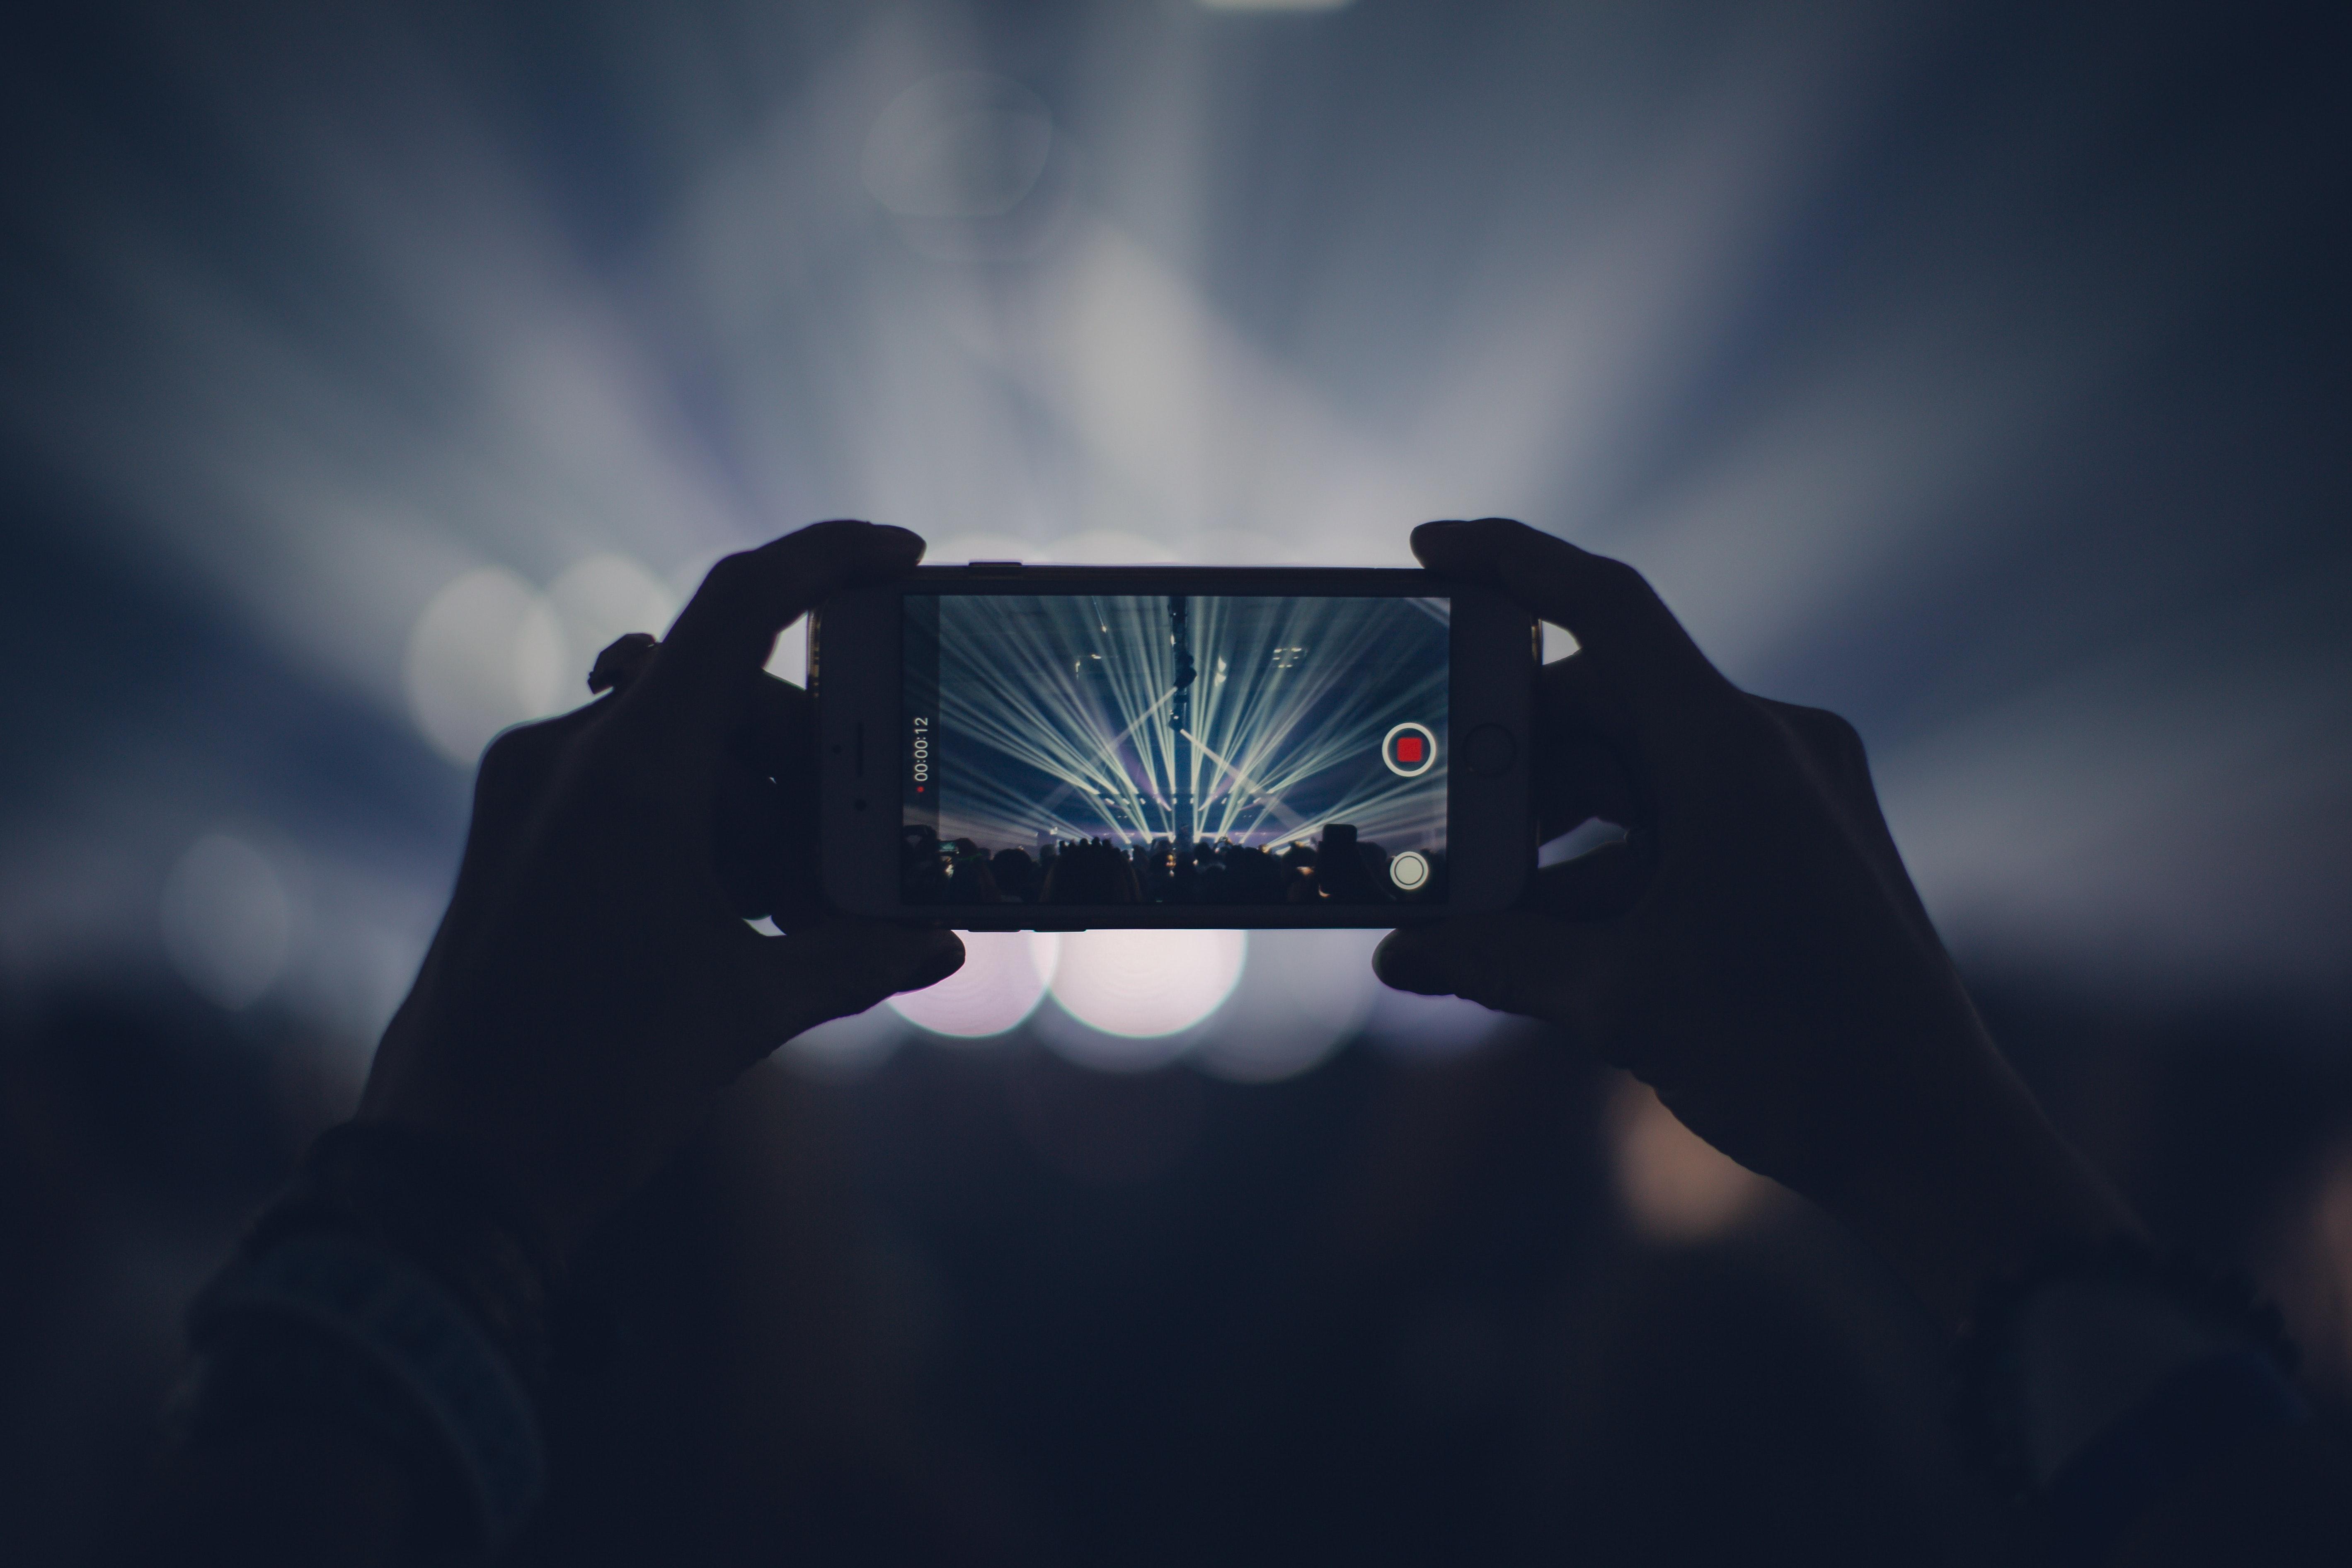 Black smartphone turned on photo